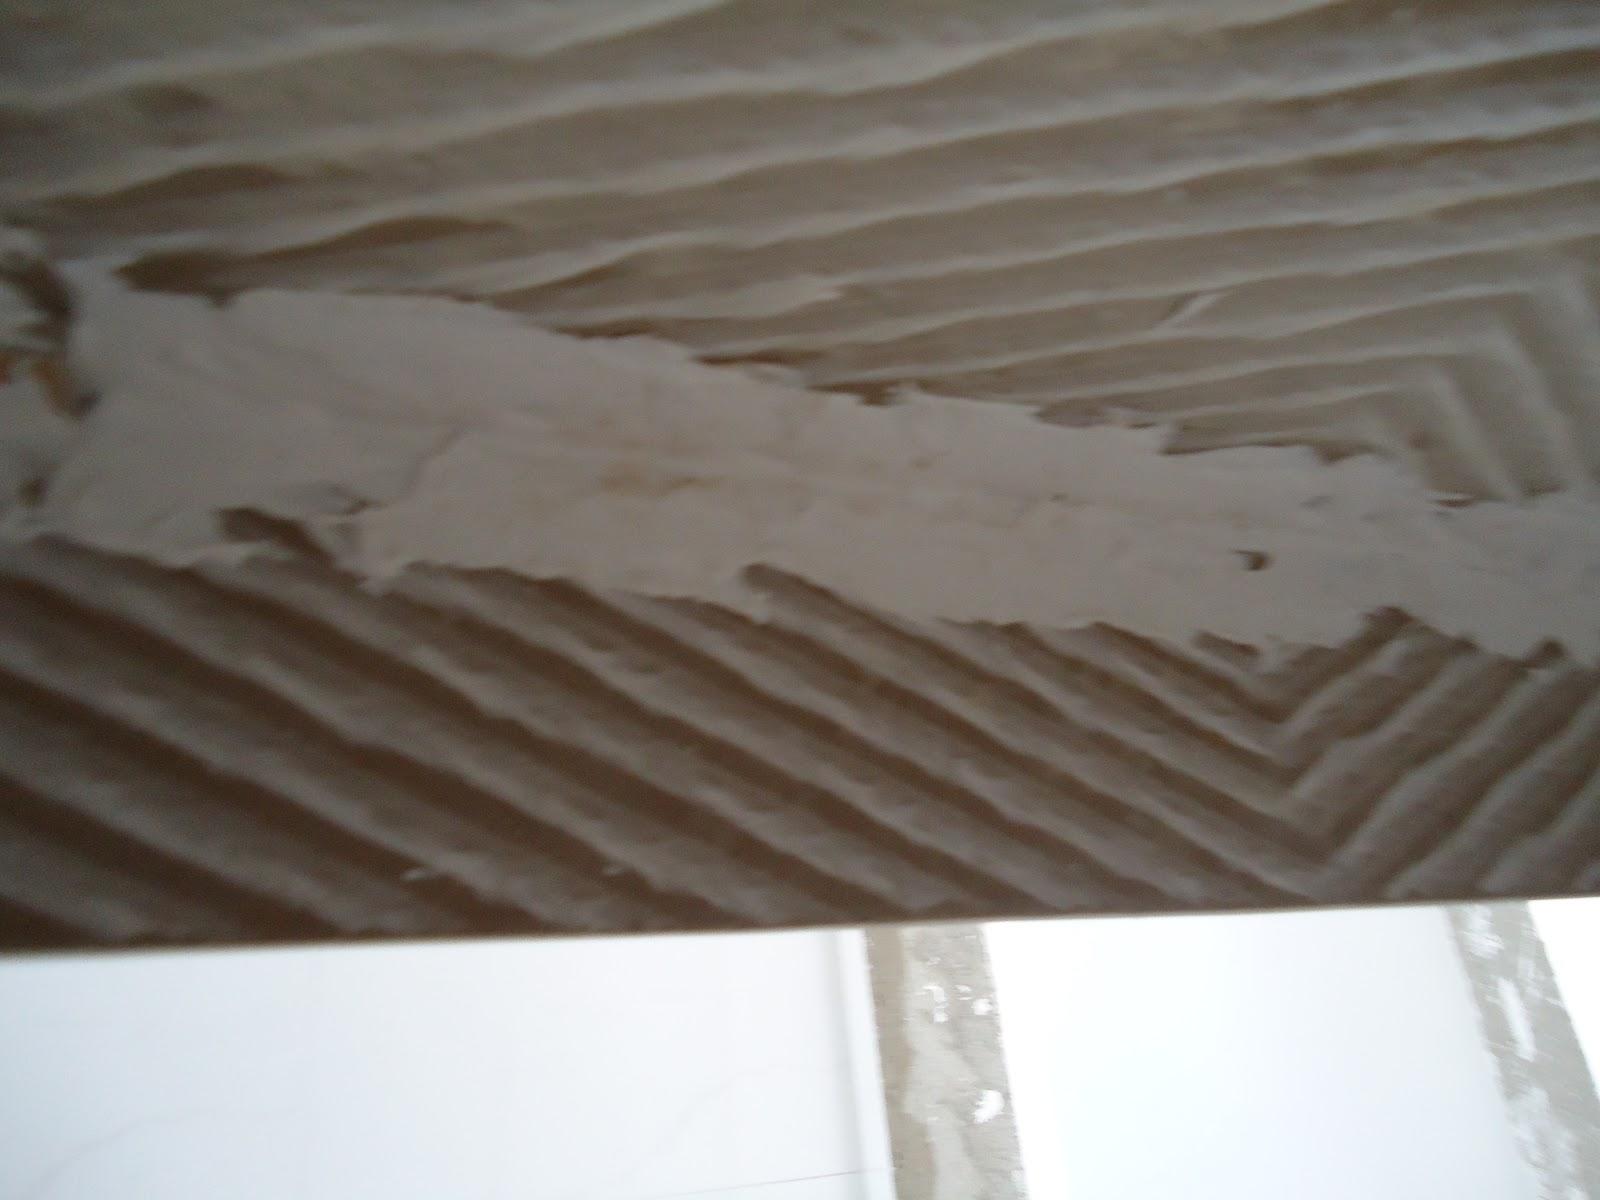 Como se começa uma FAMÍLIA: Montagem da bancada de porcelanato #4F687C 1600x1200